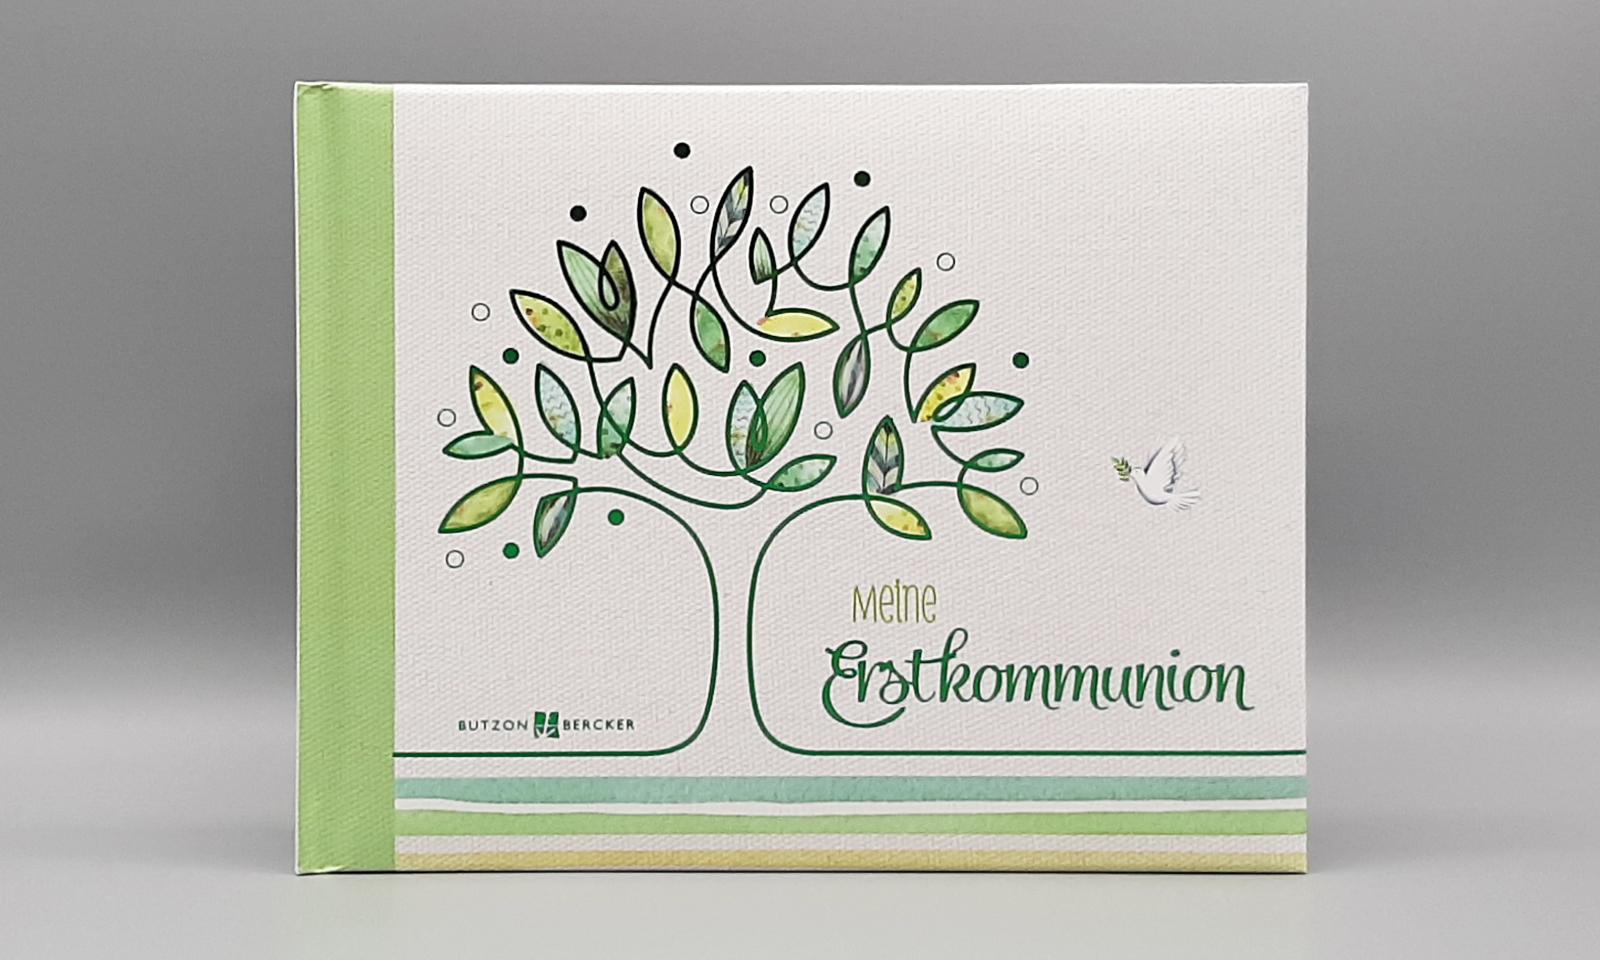 Meine Erstkommunion grün2